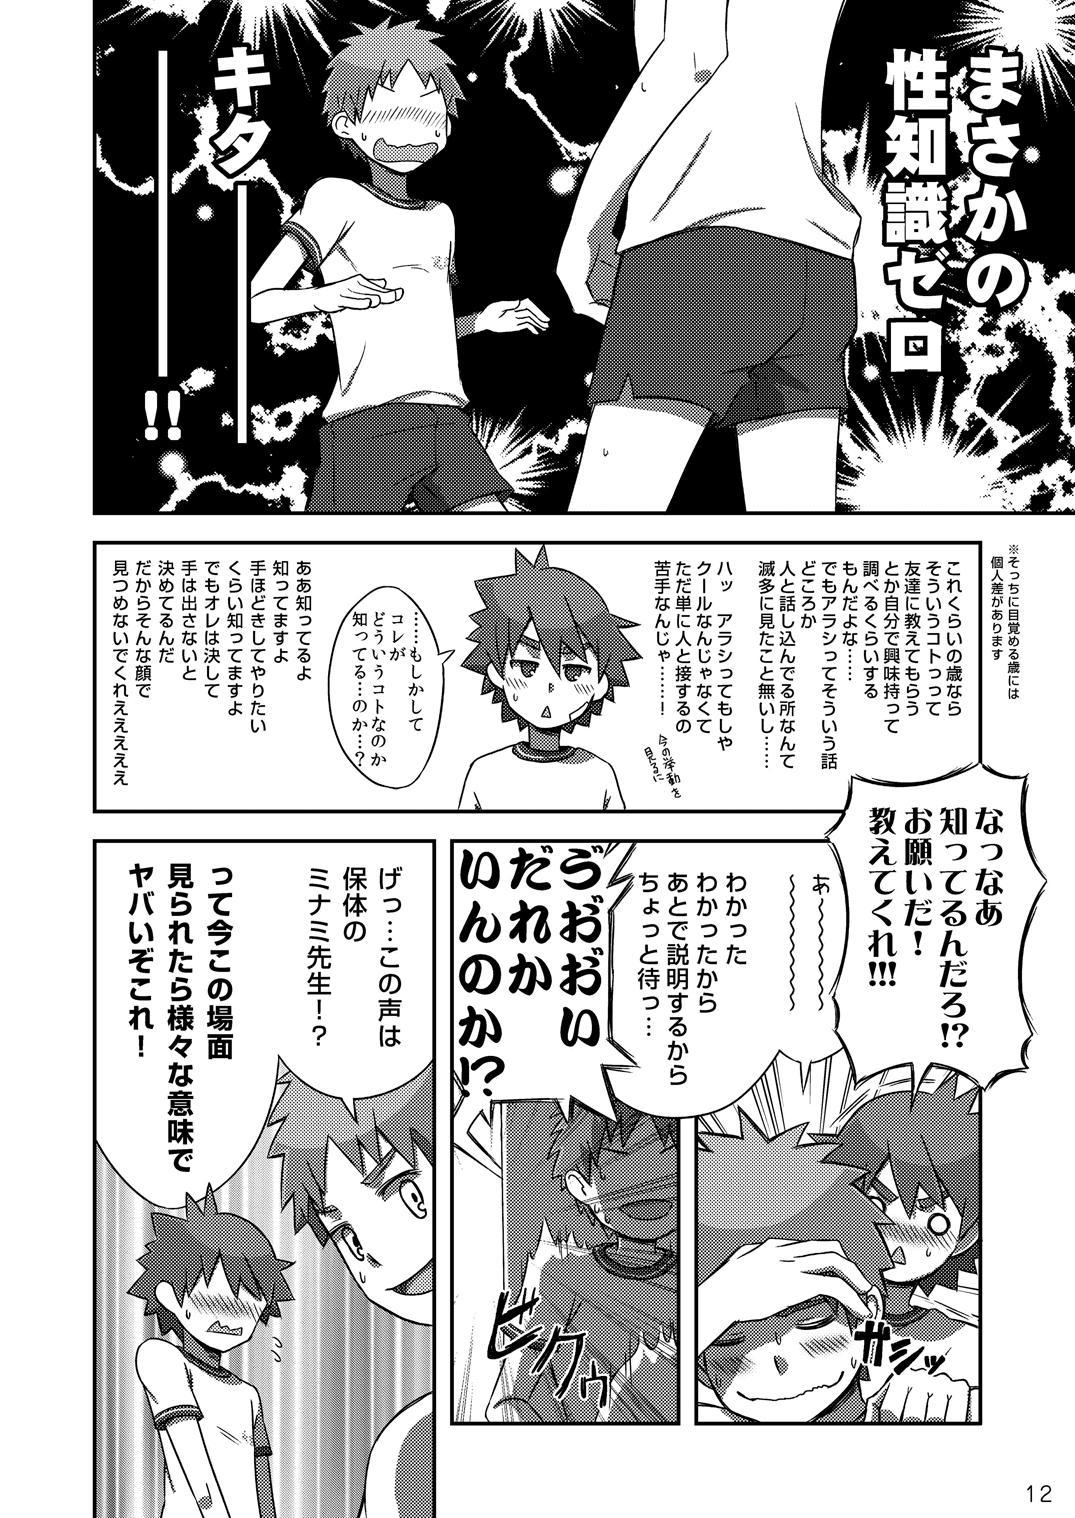 (Shota Scratch 18) [Drum-Kan (Kine)] Arashi-kun to Keiichi-kun. 11